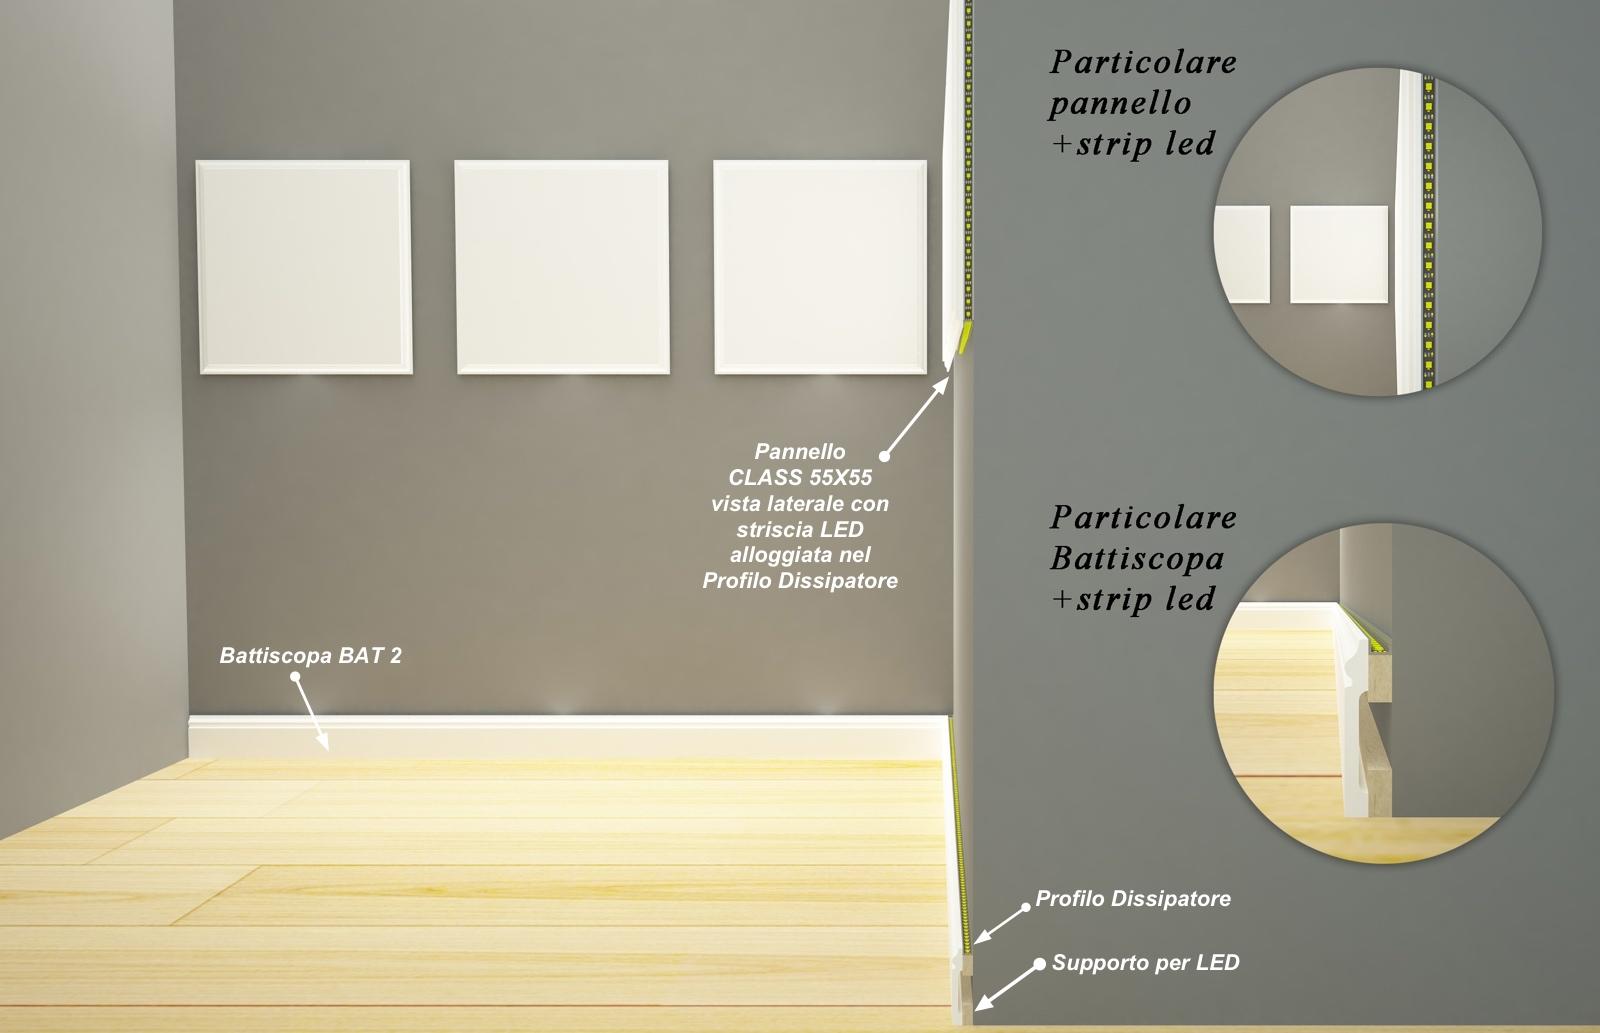 Profilo dissipatore per cornici led - Decorget - Ital Decori - Image 5